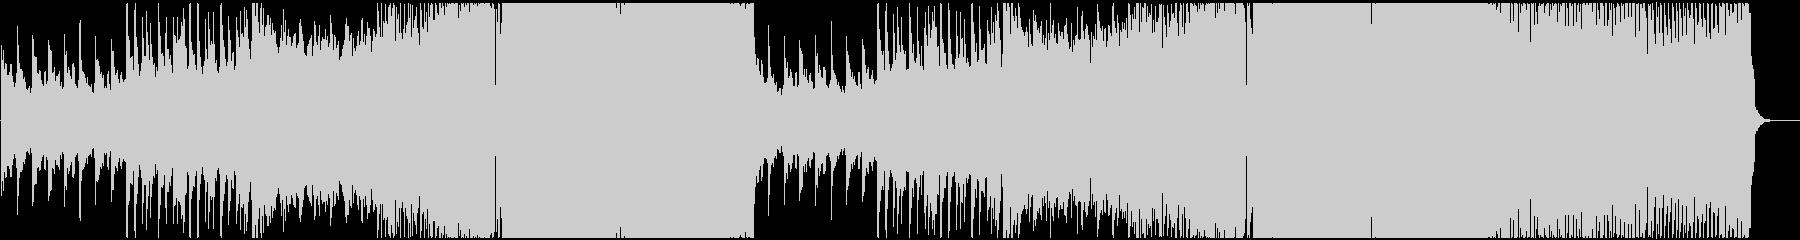 シネマチックなEDMの未再生の波形